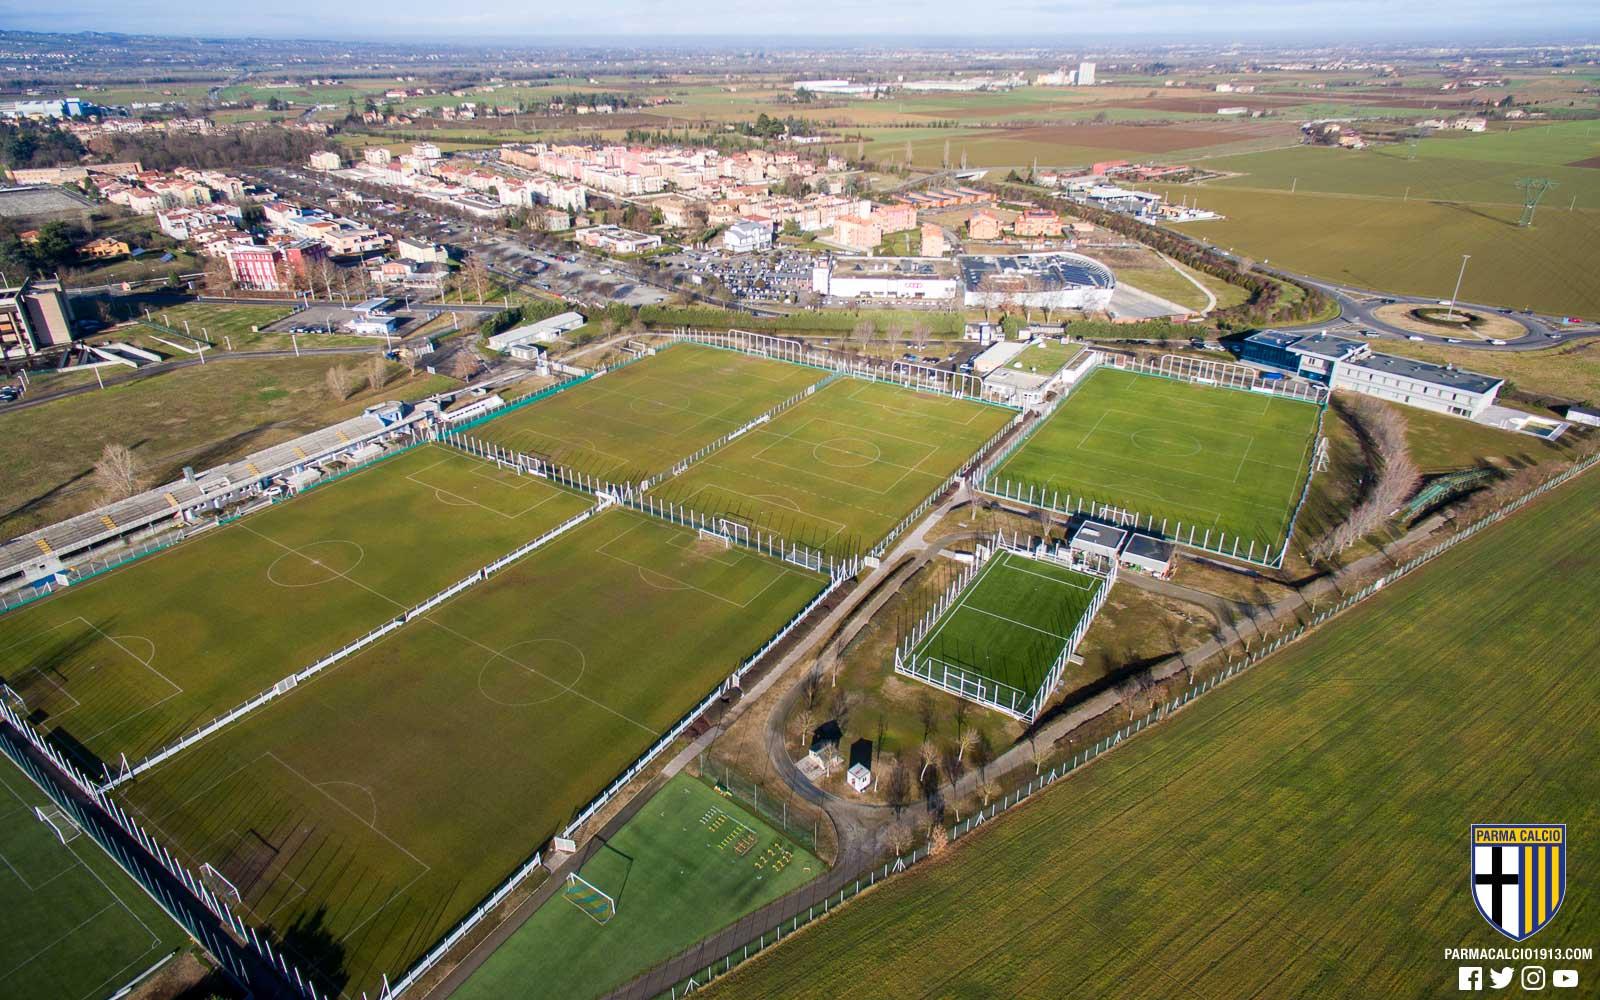 Hotel Centro Sportivo Parma Calcio Collecchio Camere spaziose Relax e Benessere Campus Hotel